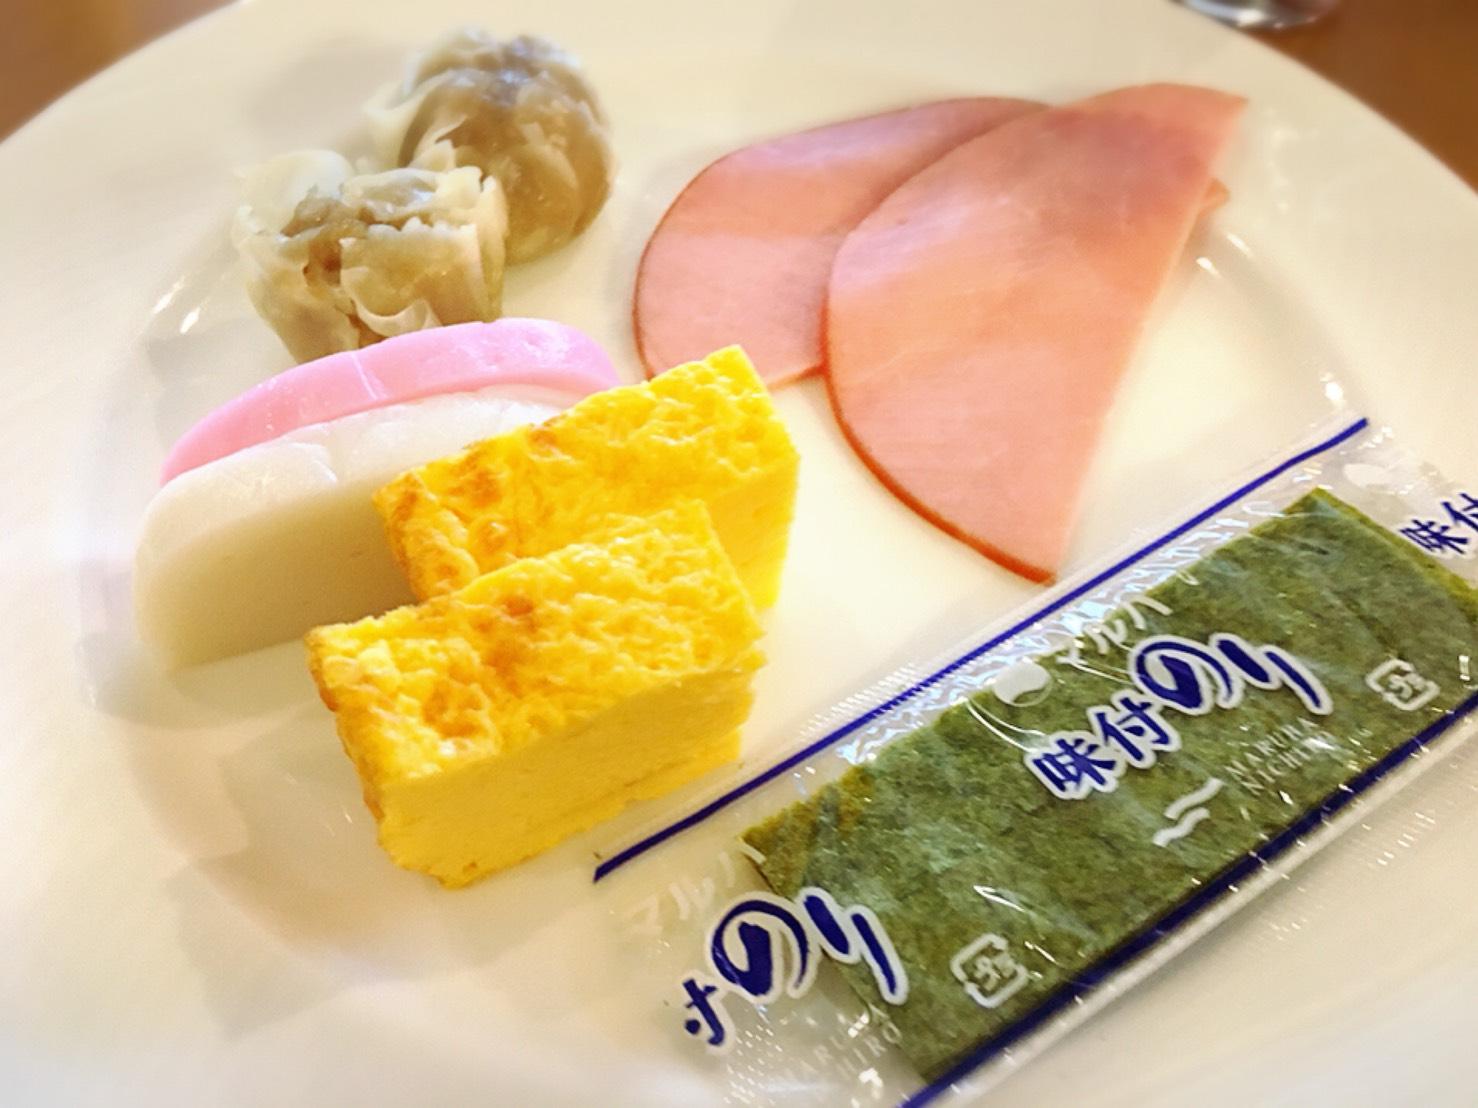 【池袋駅】モーニングビュッフェも最強だったレストラン「ピノ」の料理2